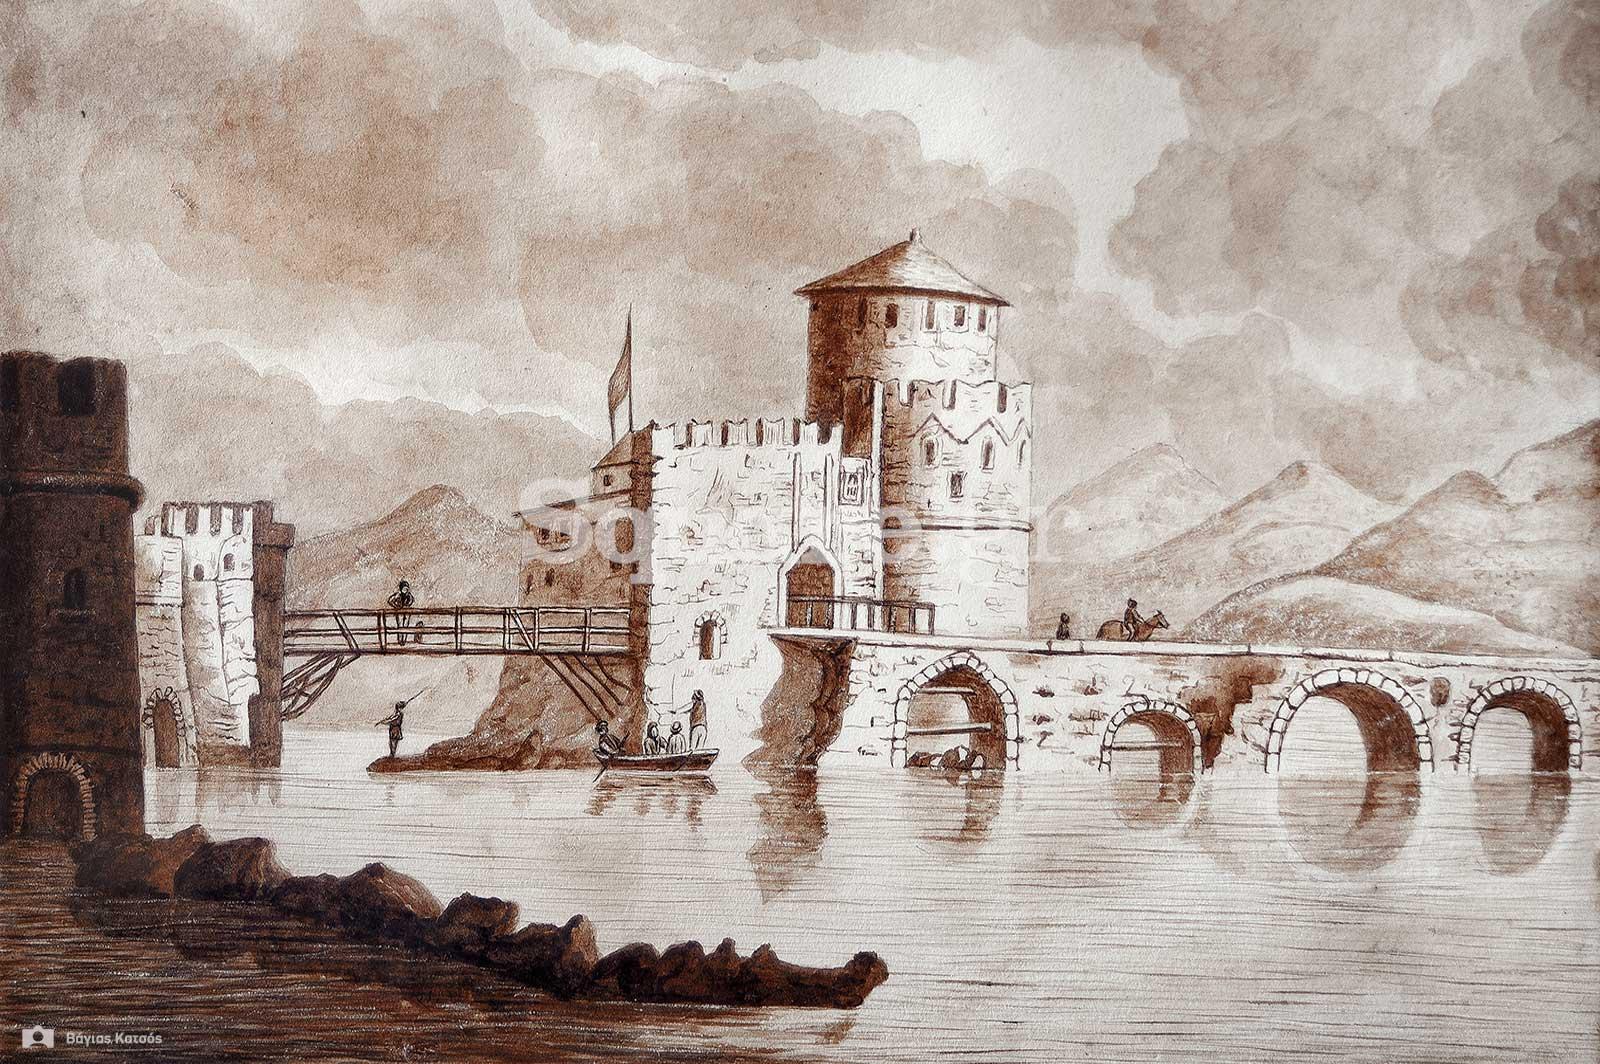 2-Το-κάστρο-του-Ευρίπου-εποχή-Διοικητή-Εύβοιας-Γεώργιος-Ψύλλος-Αποθήκη-οφελίμων-γνώσεων-Δεκέμβριος-1840.